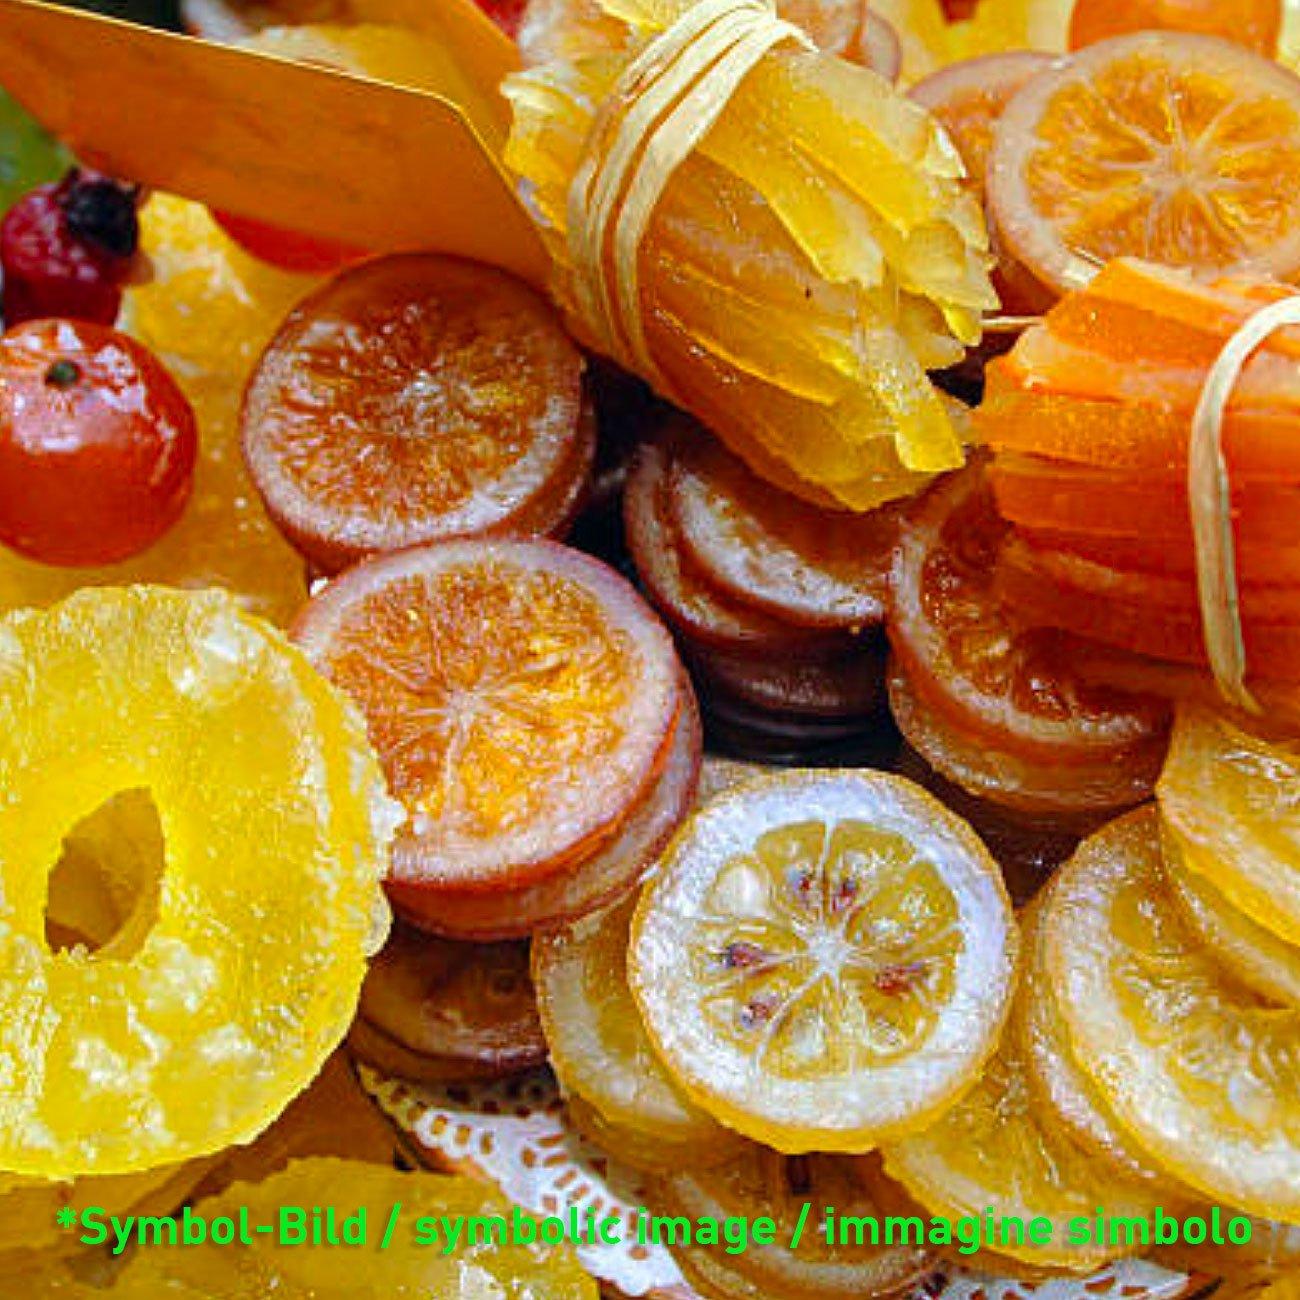 candied fruits in 3 colours / frutta candita 3 colori - tin 5 kg - Ice cream decoration garnish